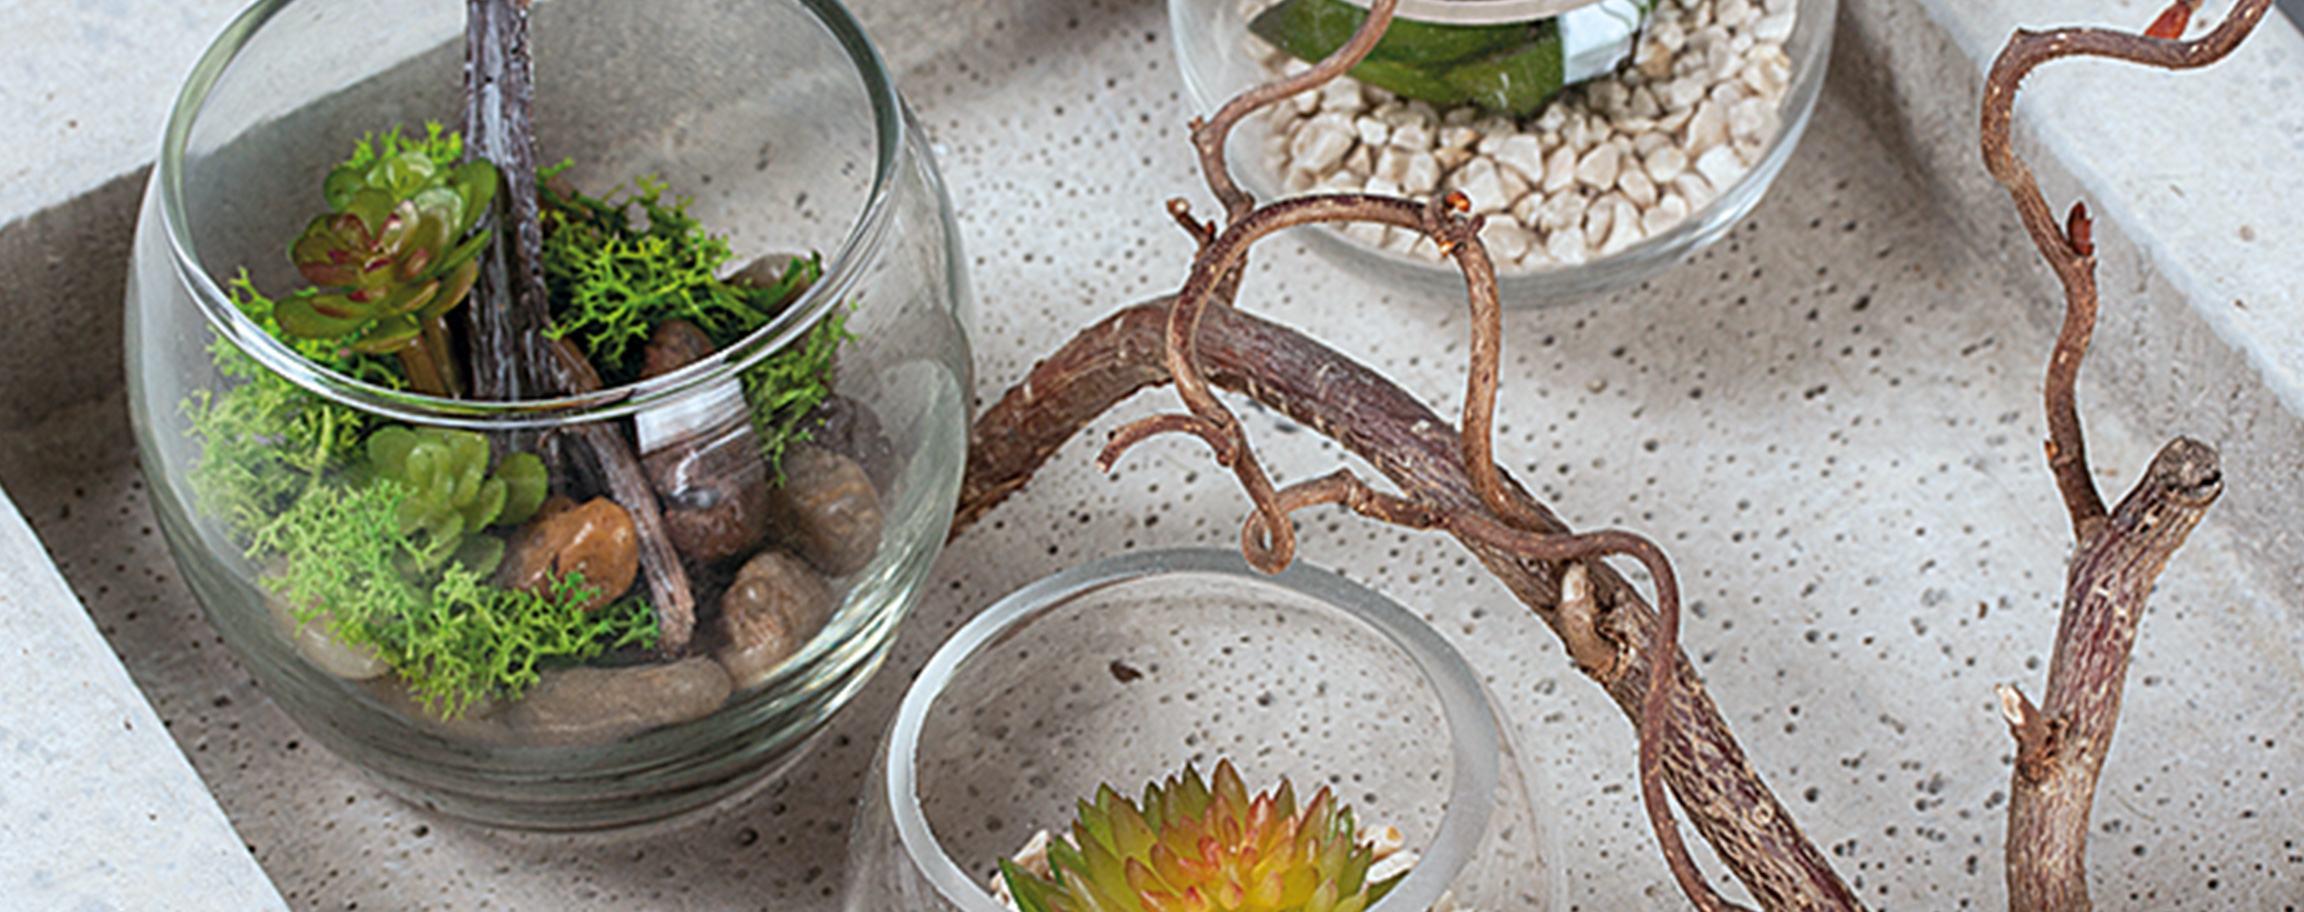 Beton-Schale mit Glasgefäßen